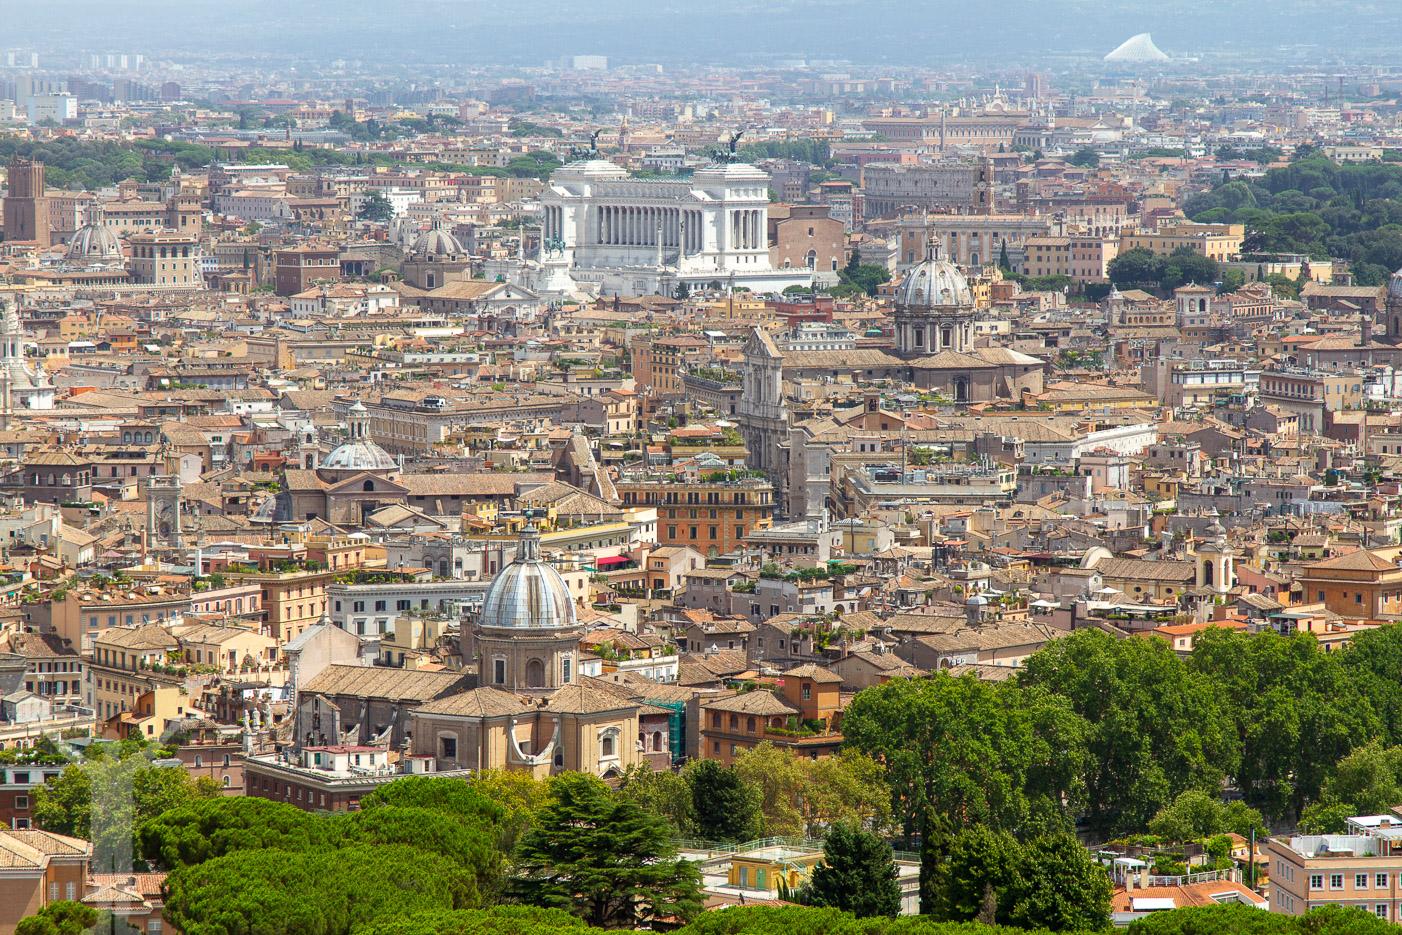 Utsikt från kupolen på Peterskyrkan - en av många fina utsiktsplatser i Rom